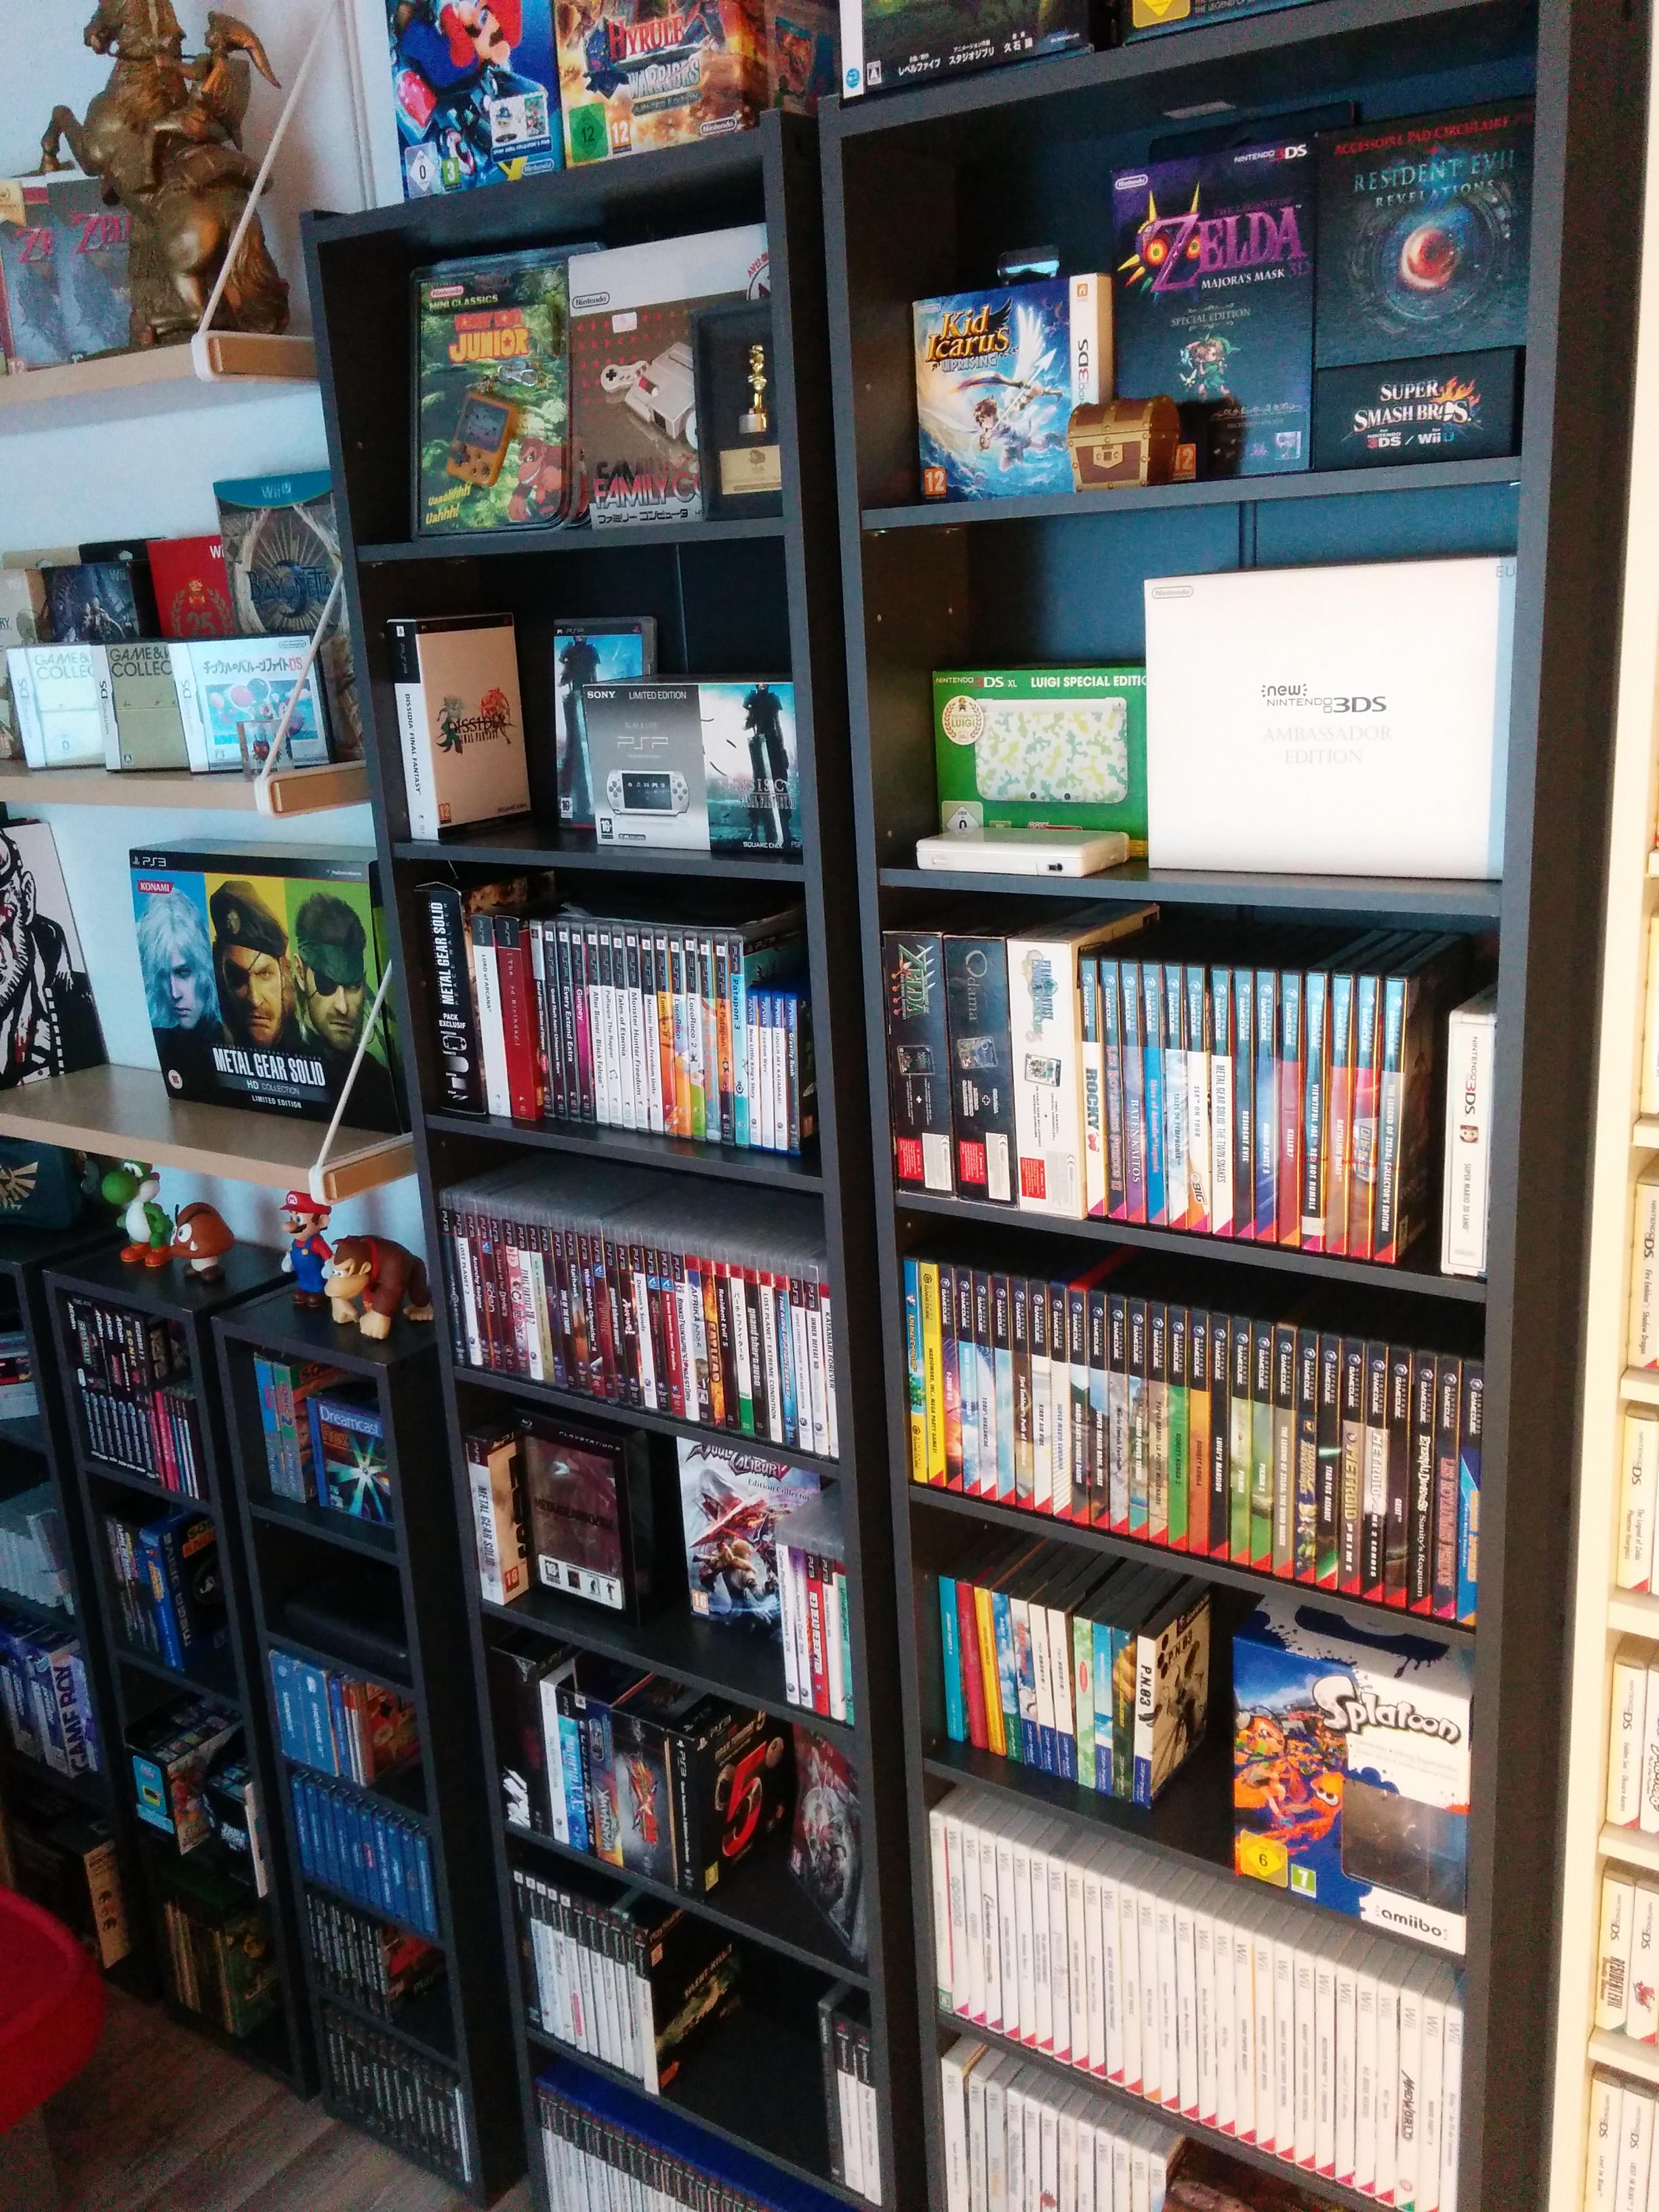 Meilleur système de rangement pour nos collections - Page 2 240541IMG20150607210133